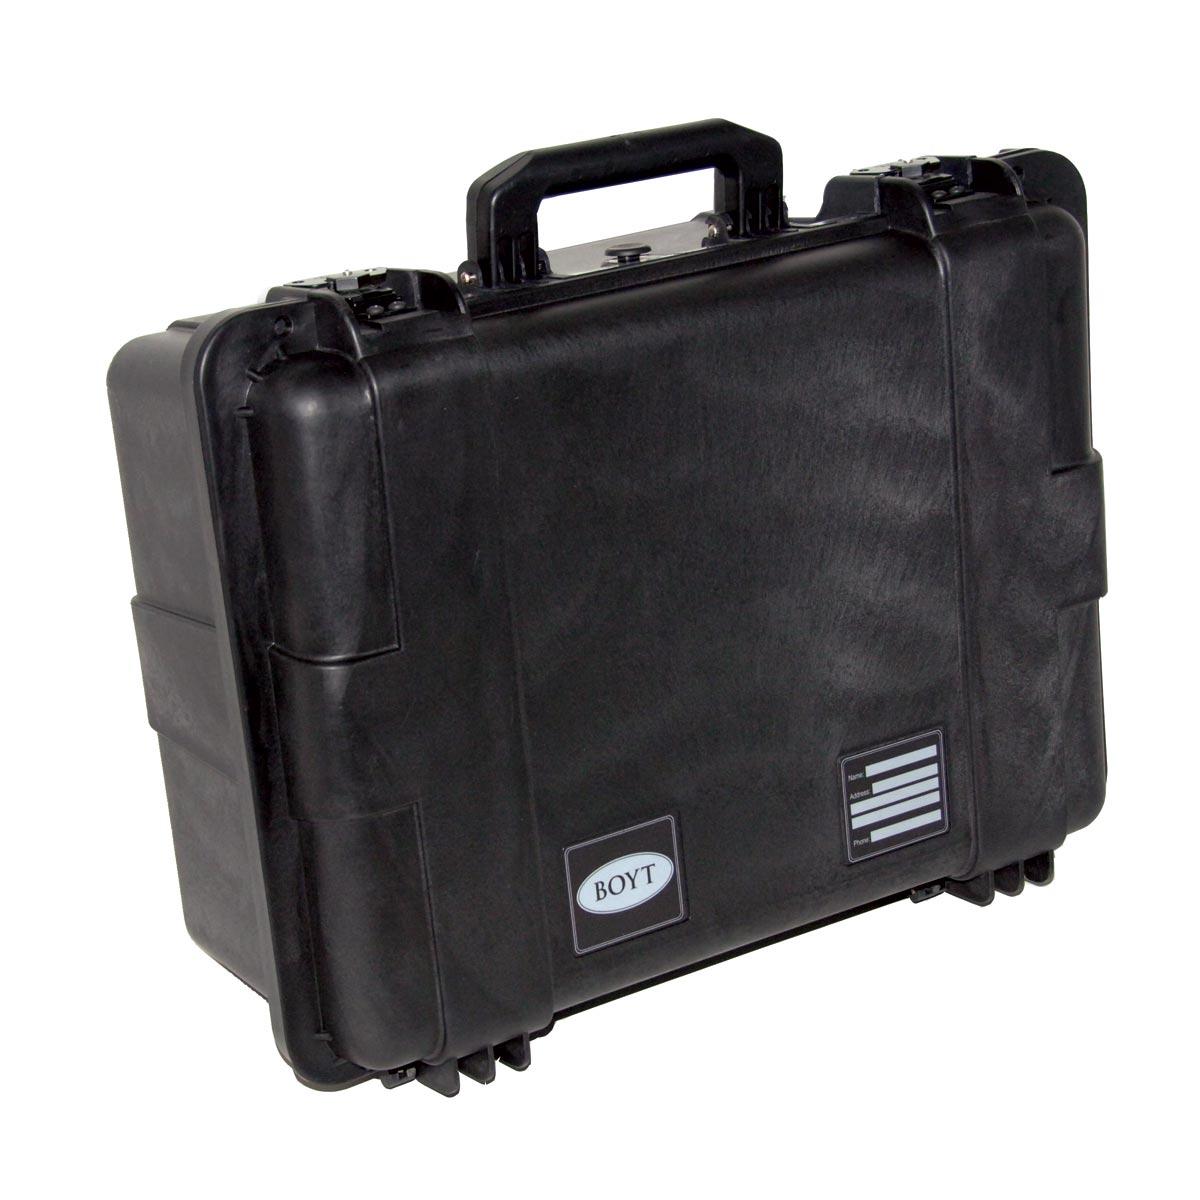 Boyt H-Series H20 Deep Handgun/Accessory Case